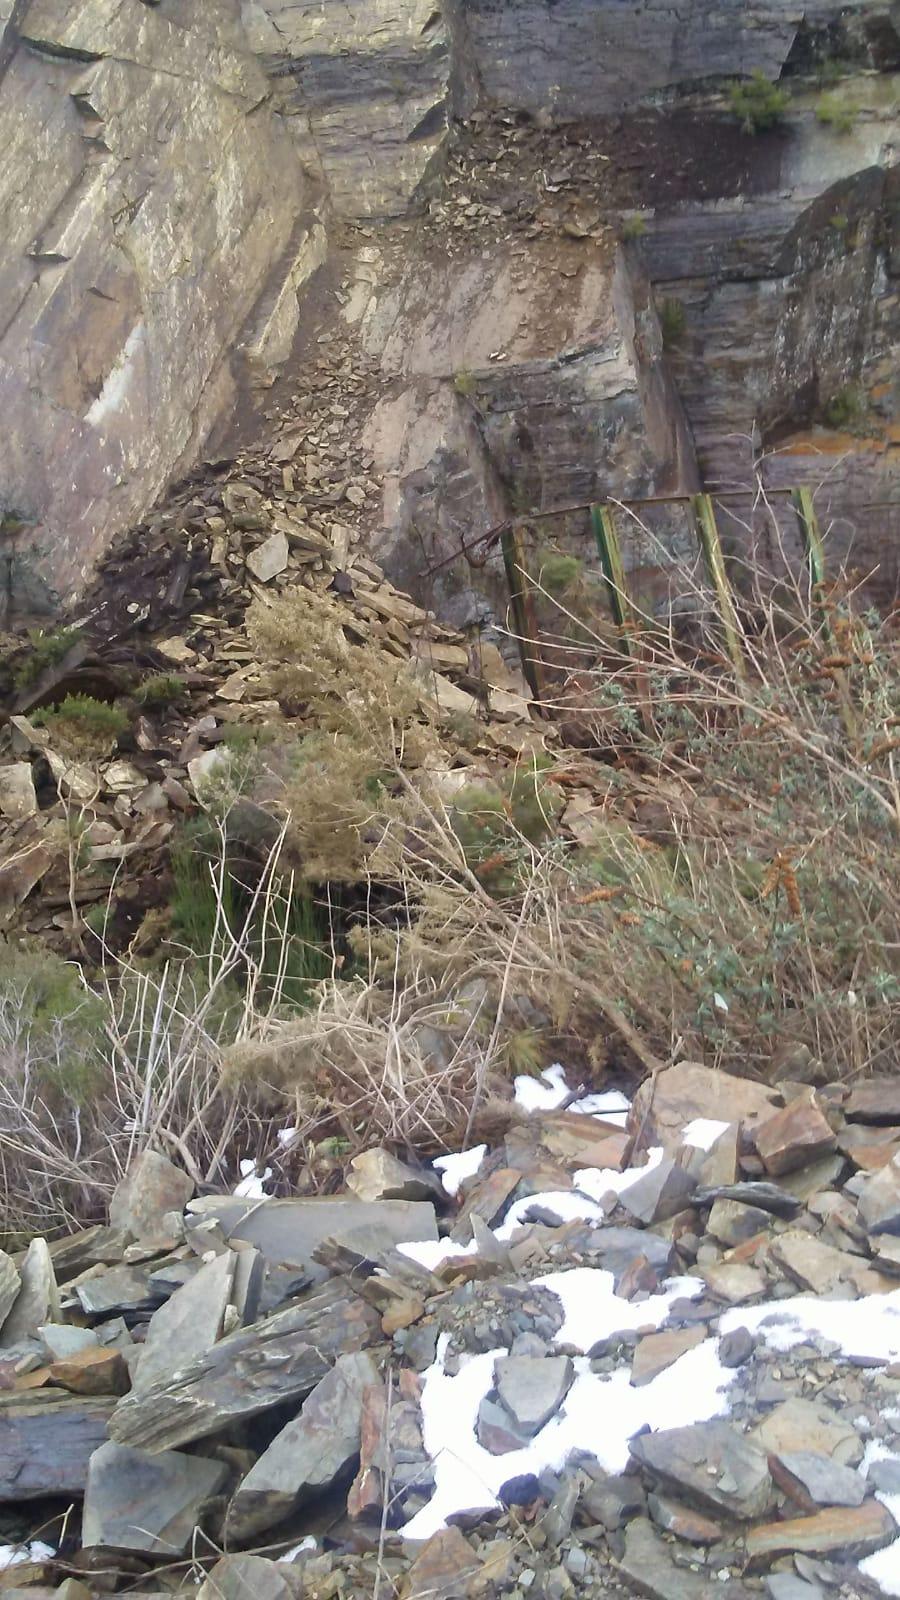 Un argayo corta la AS-27, Puerto de La Garganta-Santa Eulalia de Oscos